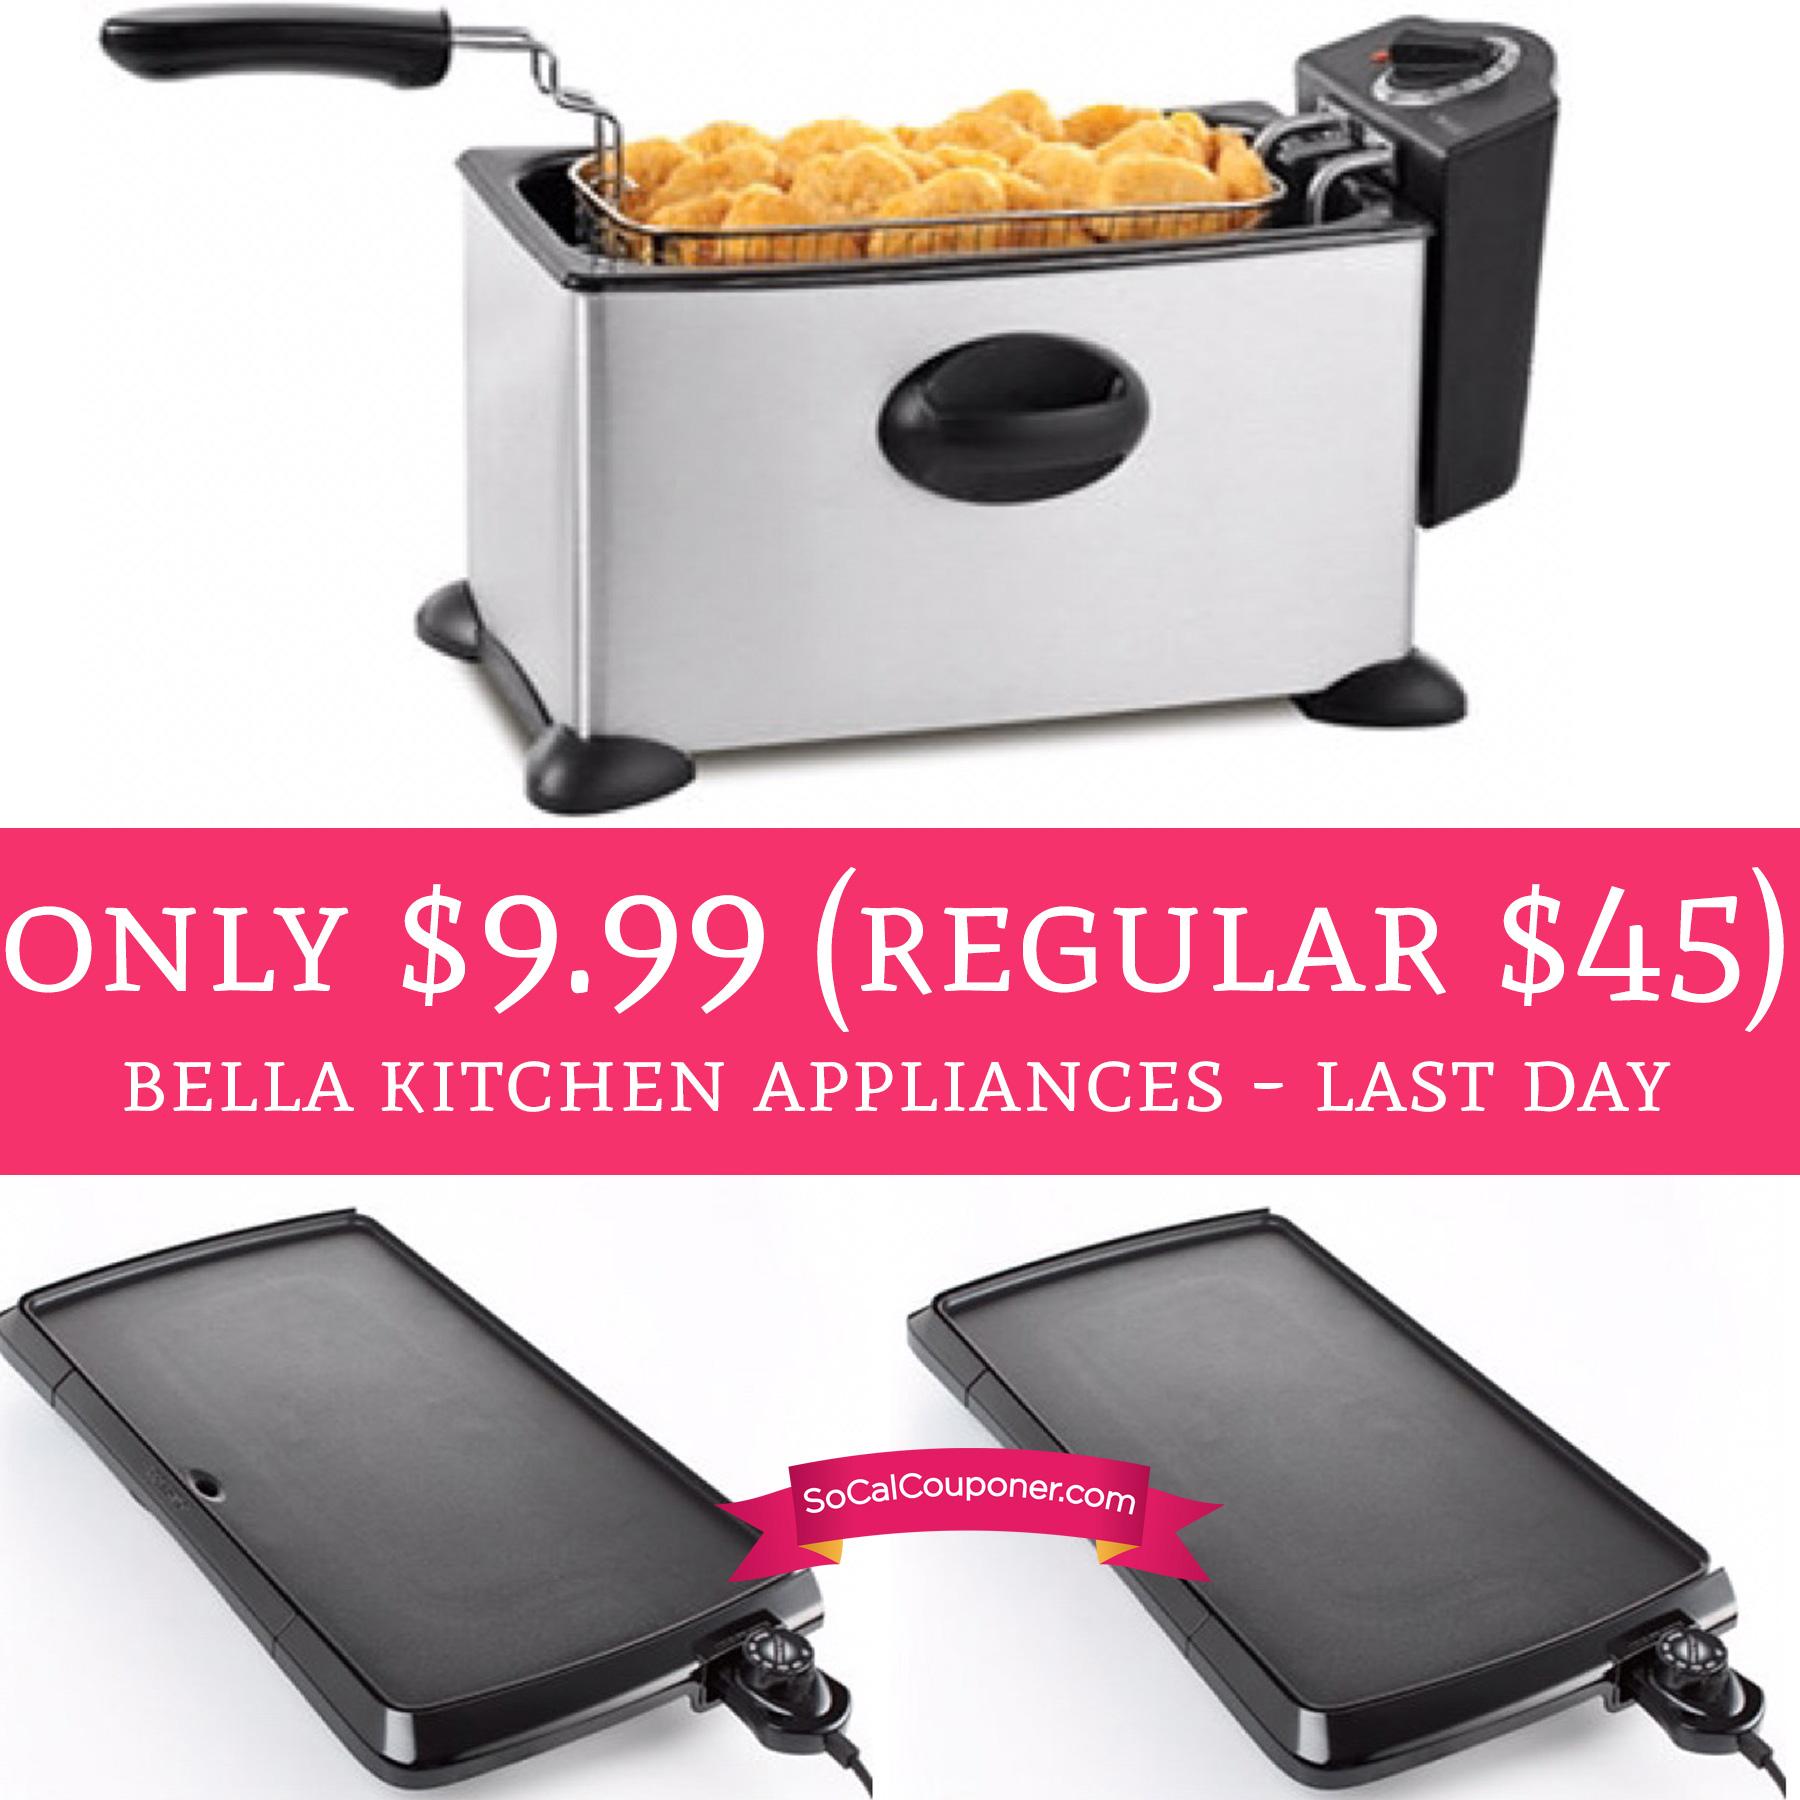 Last Day!! Only $9.99 (Regular $45) Bella Kitchen